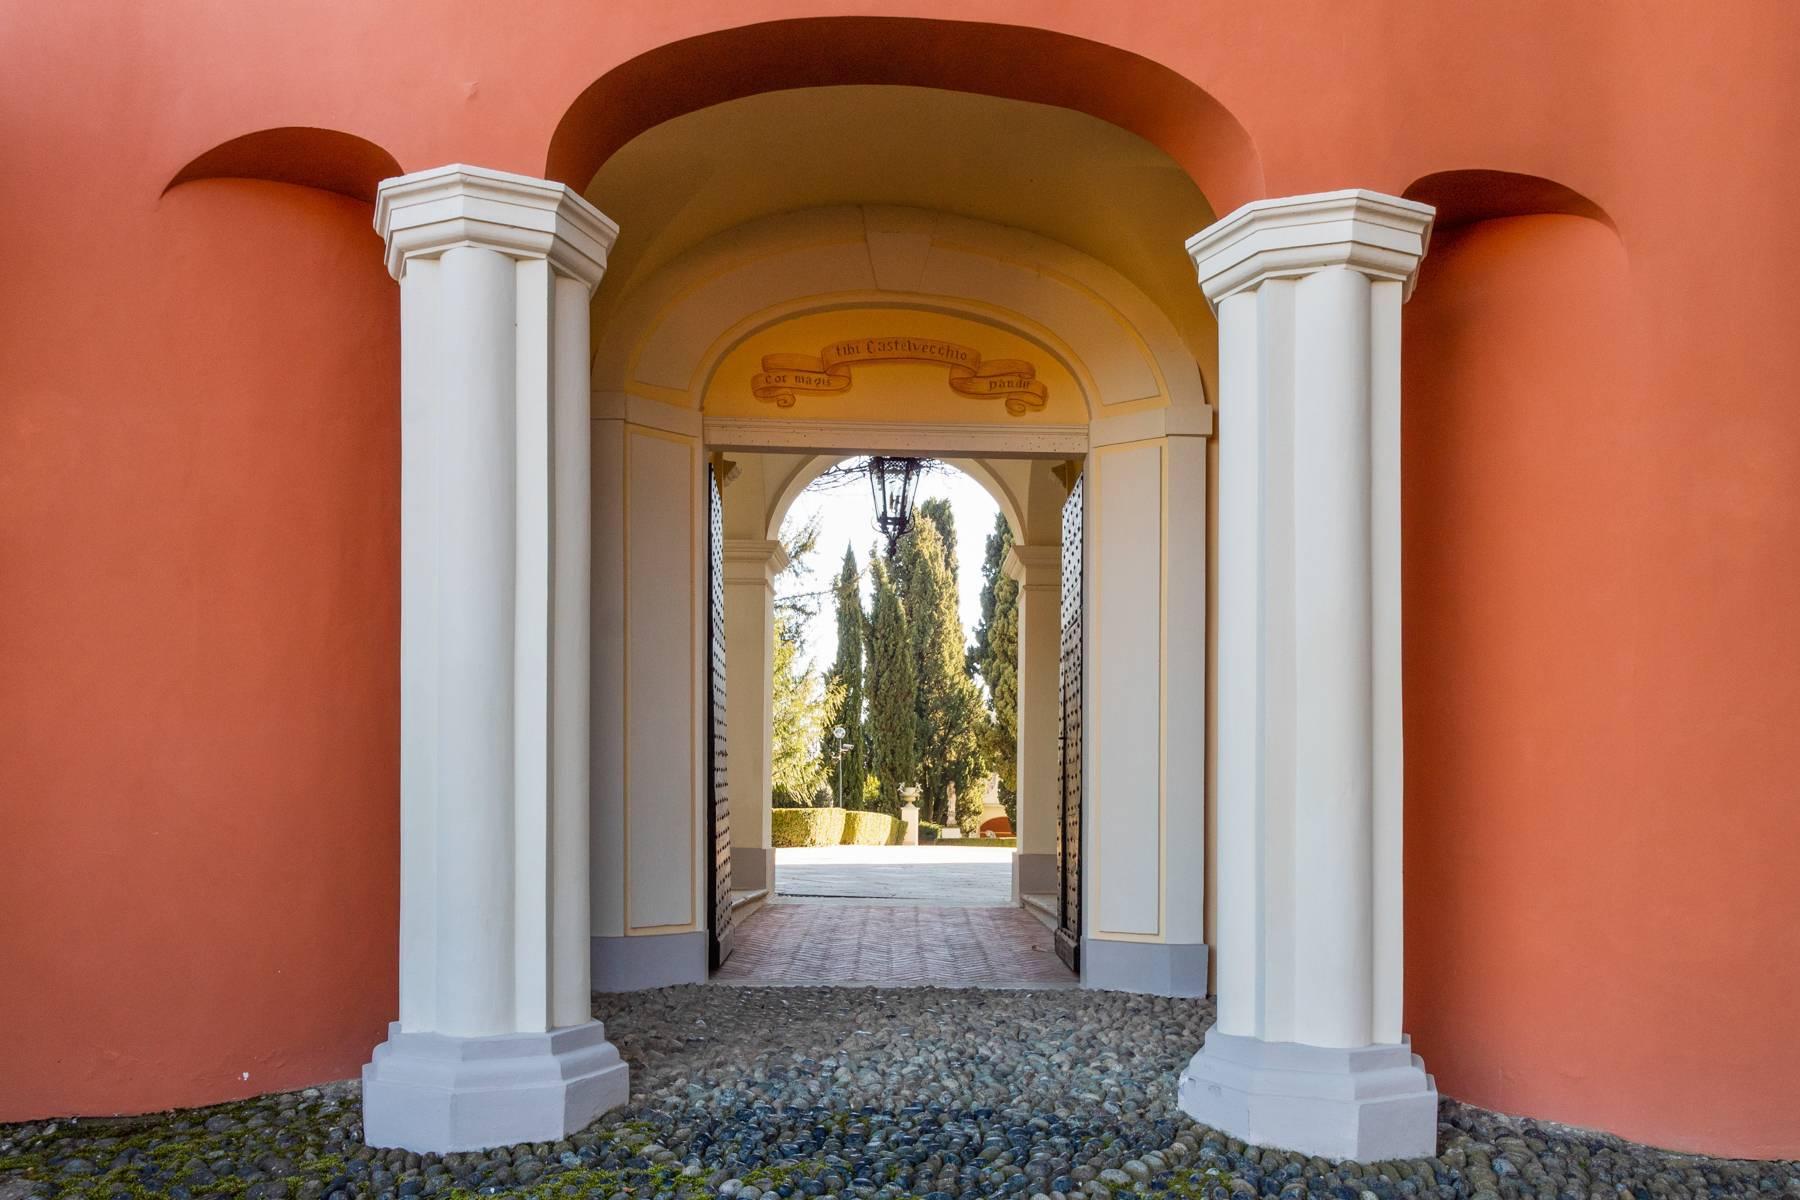 Manoir majestueux de la fin des années 1600 dans les collines à proximité de Turin - 15